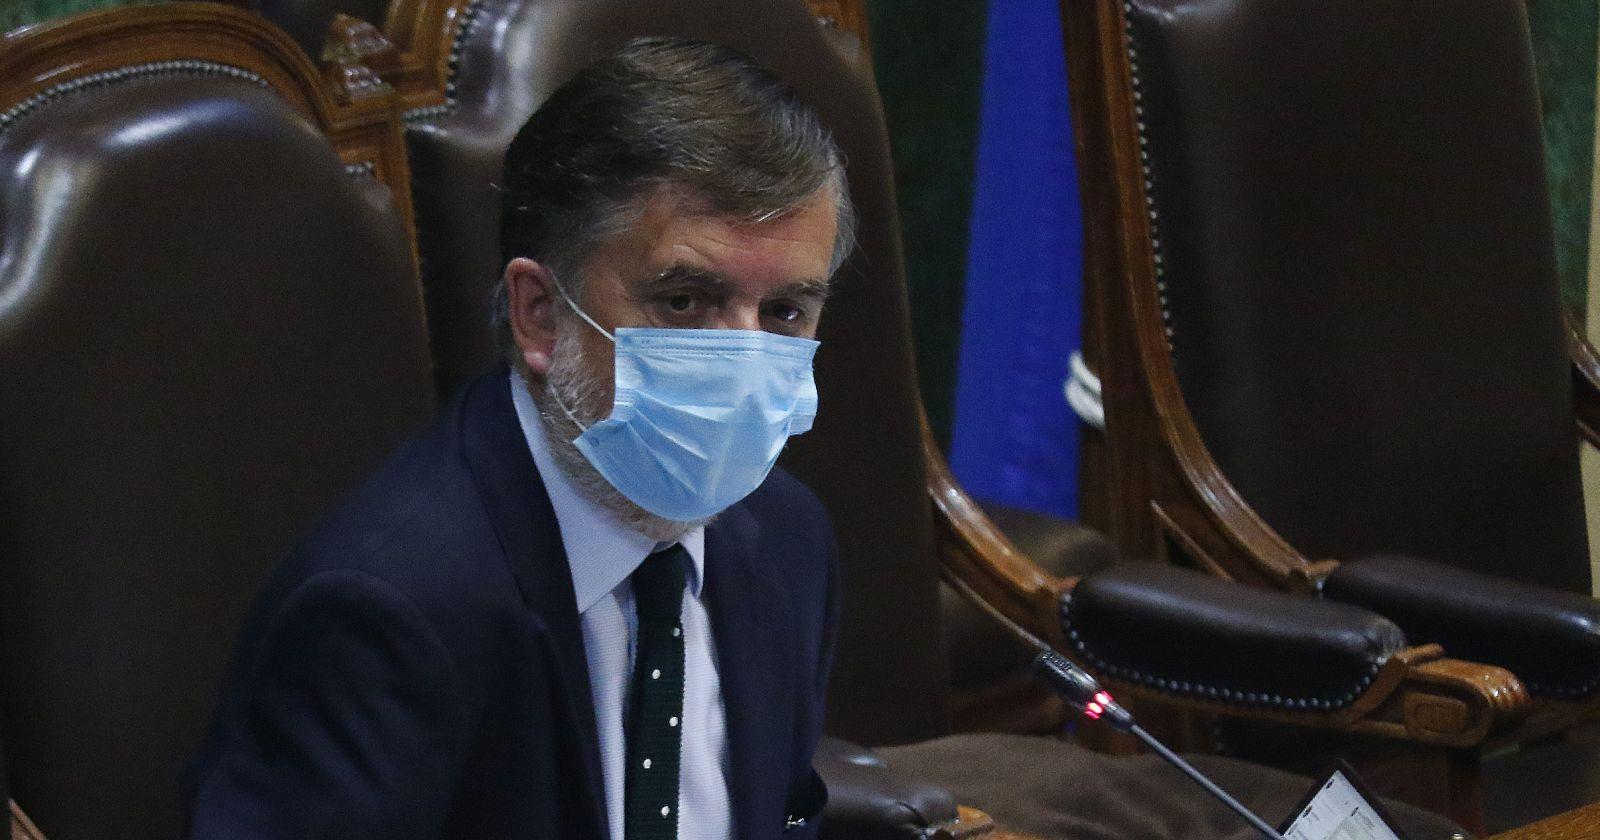 Diputado Undurraga impide votación de Camila Vallejo y genera polémica en la Cámara